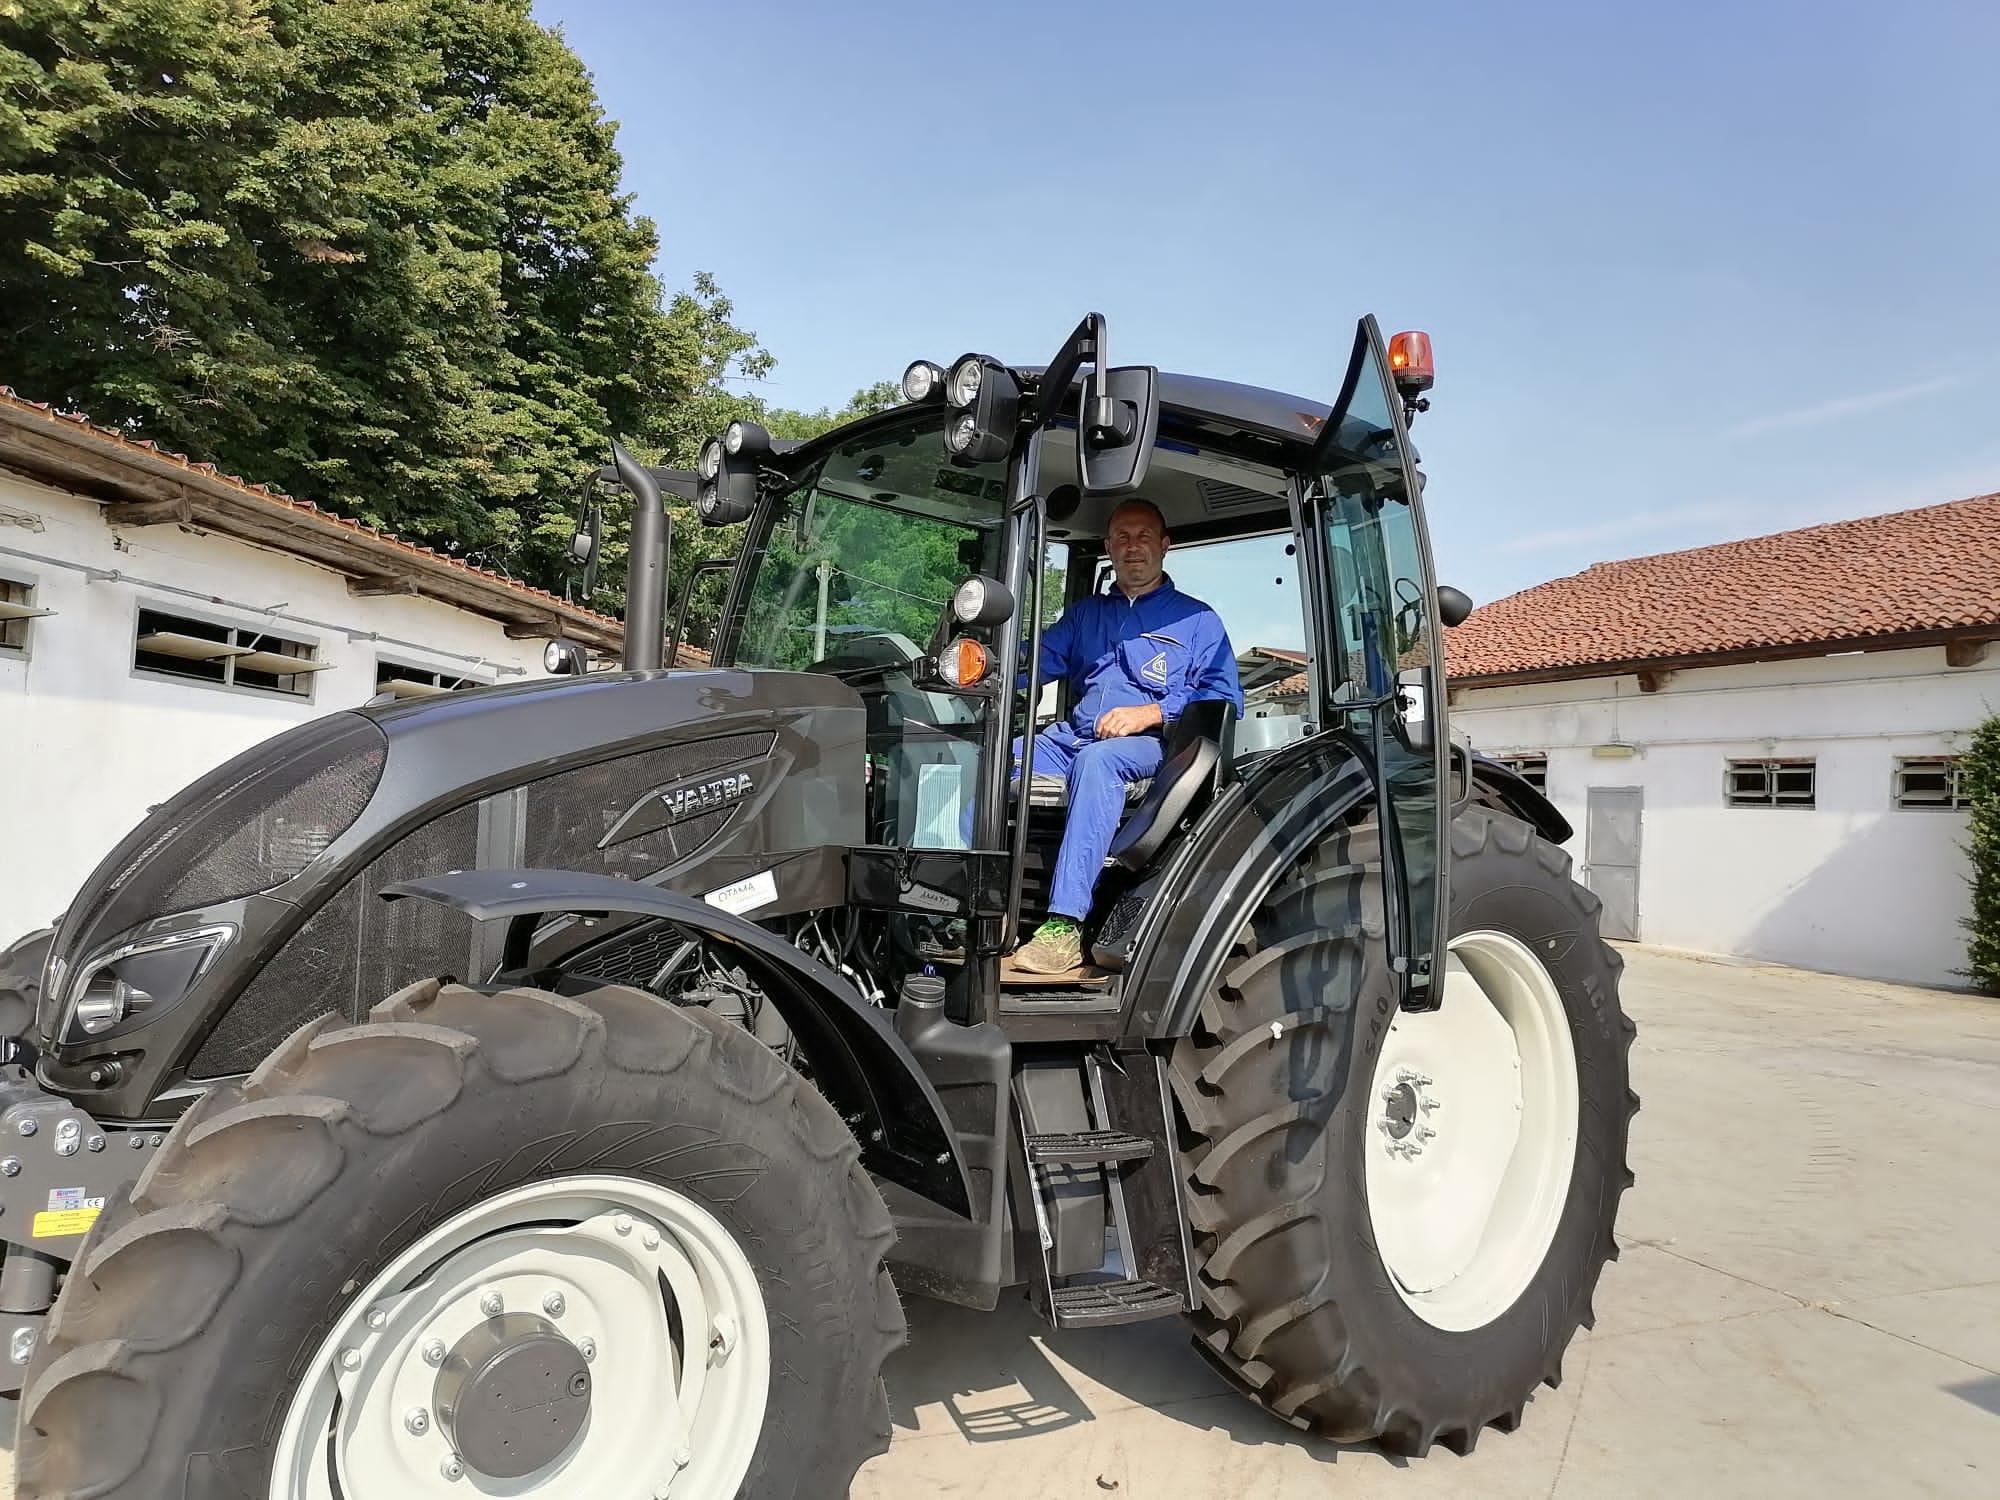 💥 Consegnato trattore VALTRA A134 a Silvestro Renato fraz Mellea di Fossano (Cn) 🚜💥